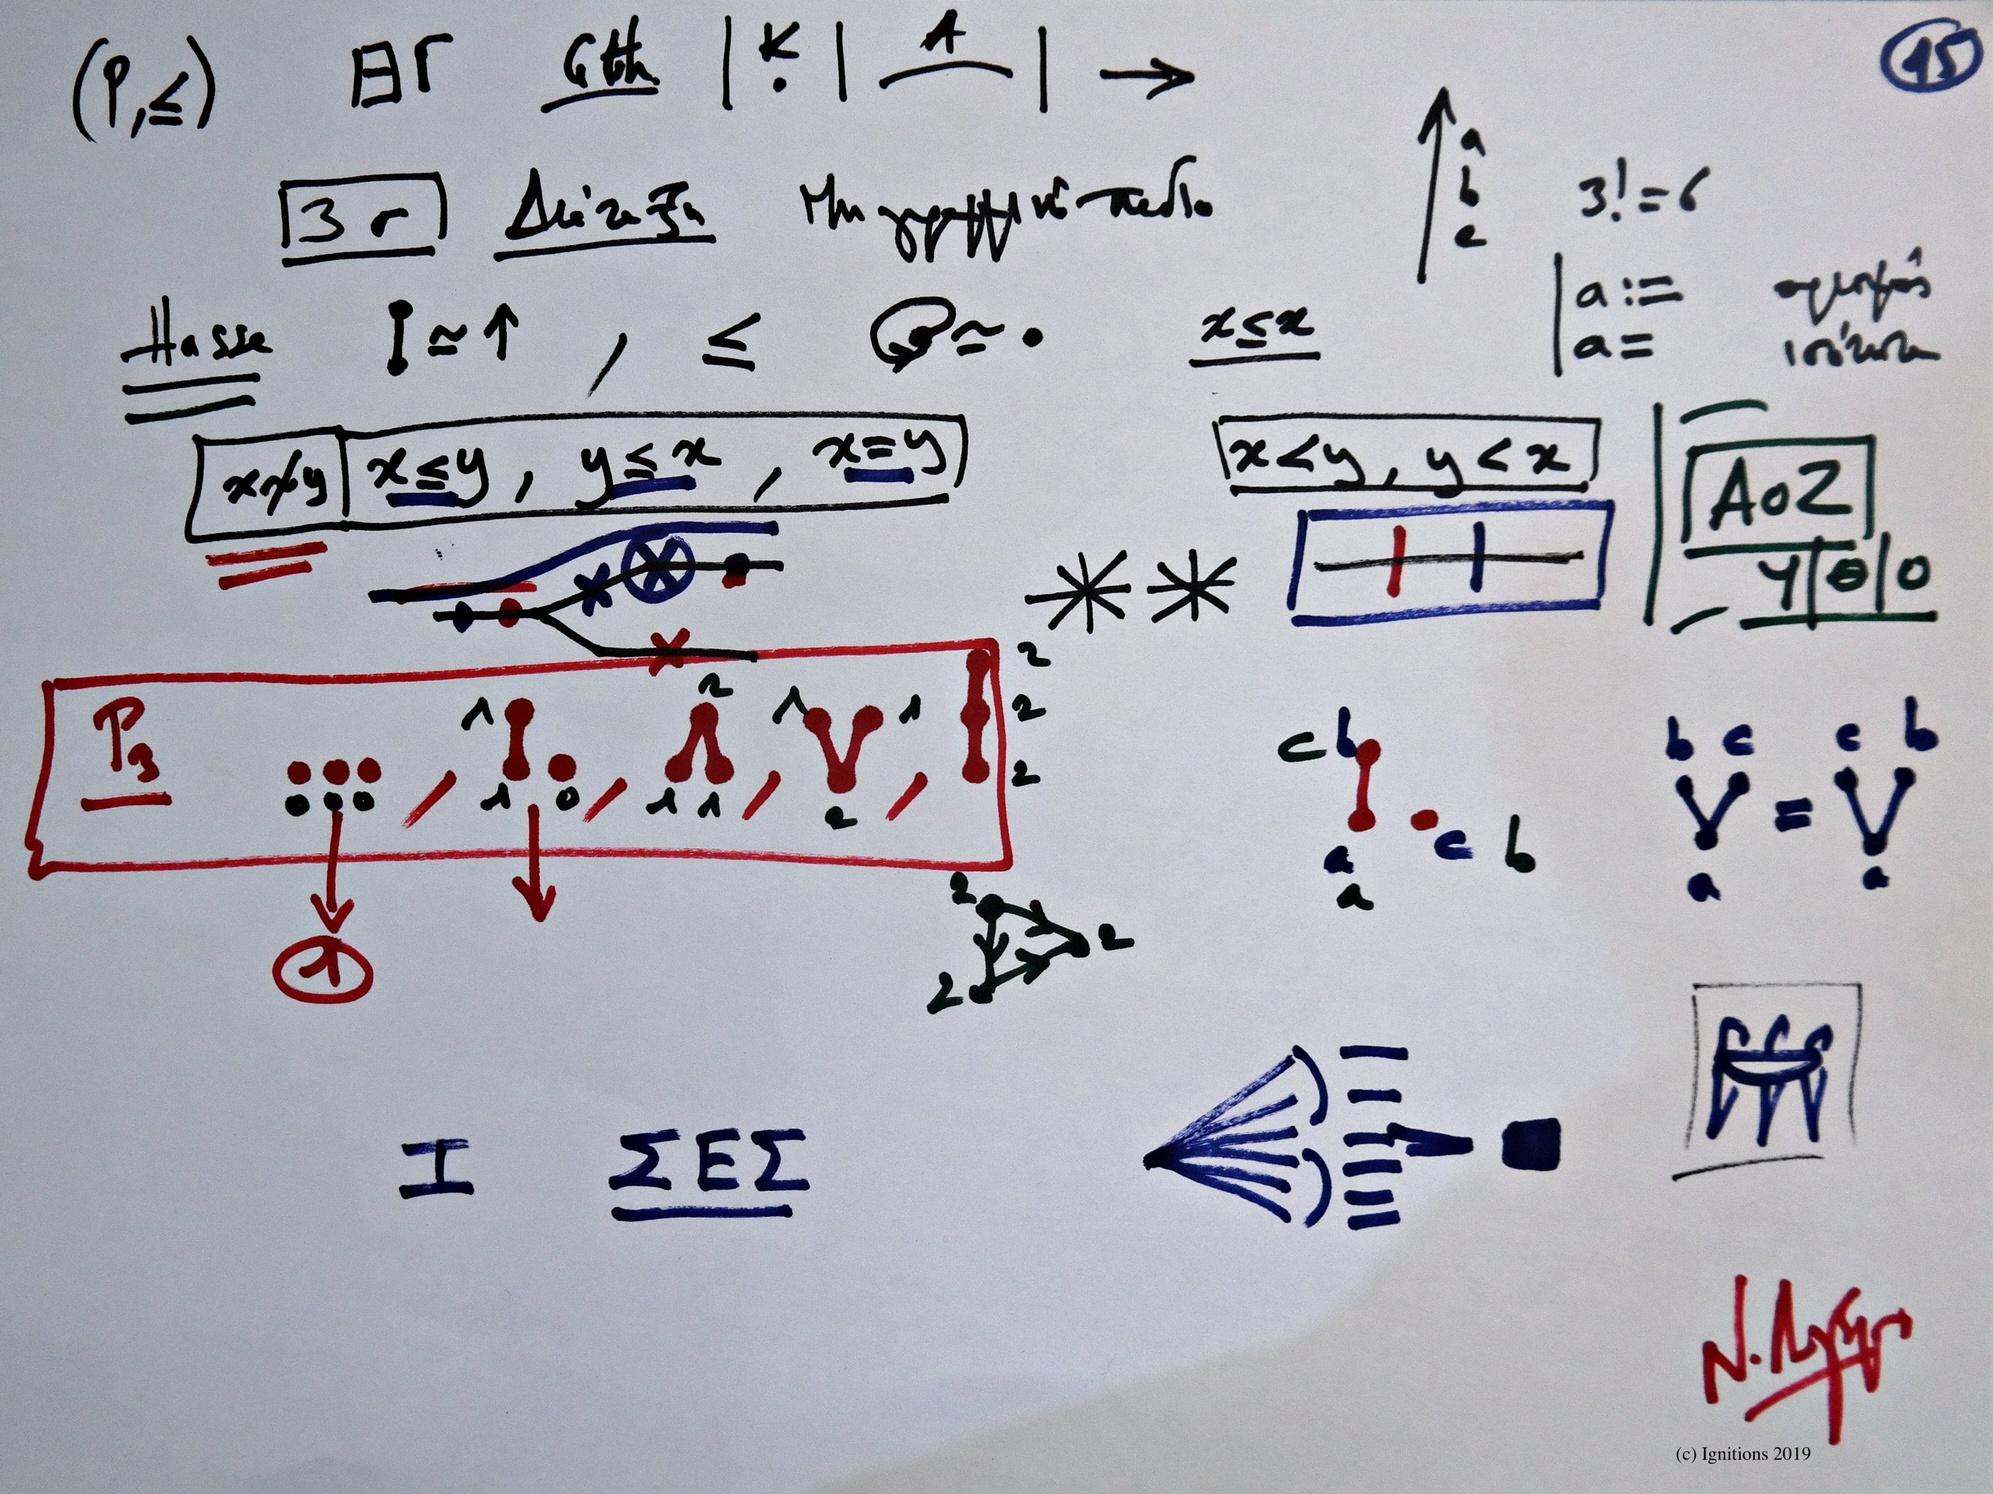 9ο Masterclass Τοποστρατηγικής και Χρονοστρατηγικής - XV. (Dessin)